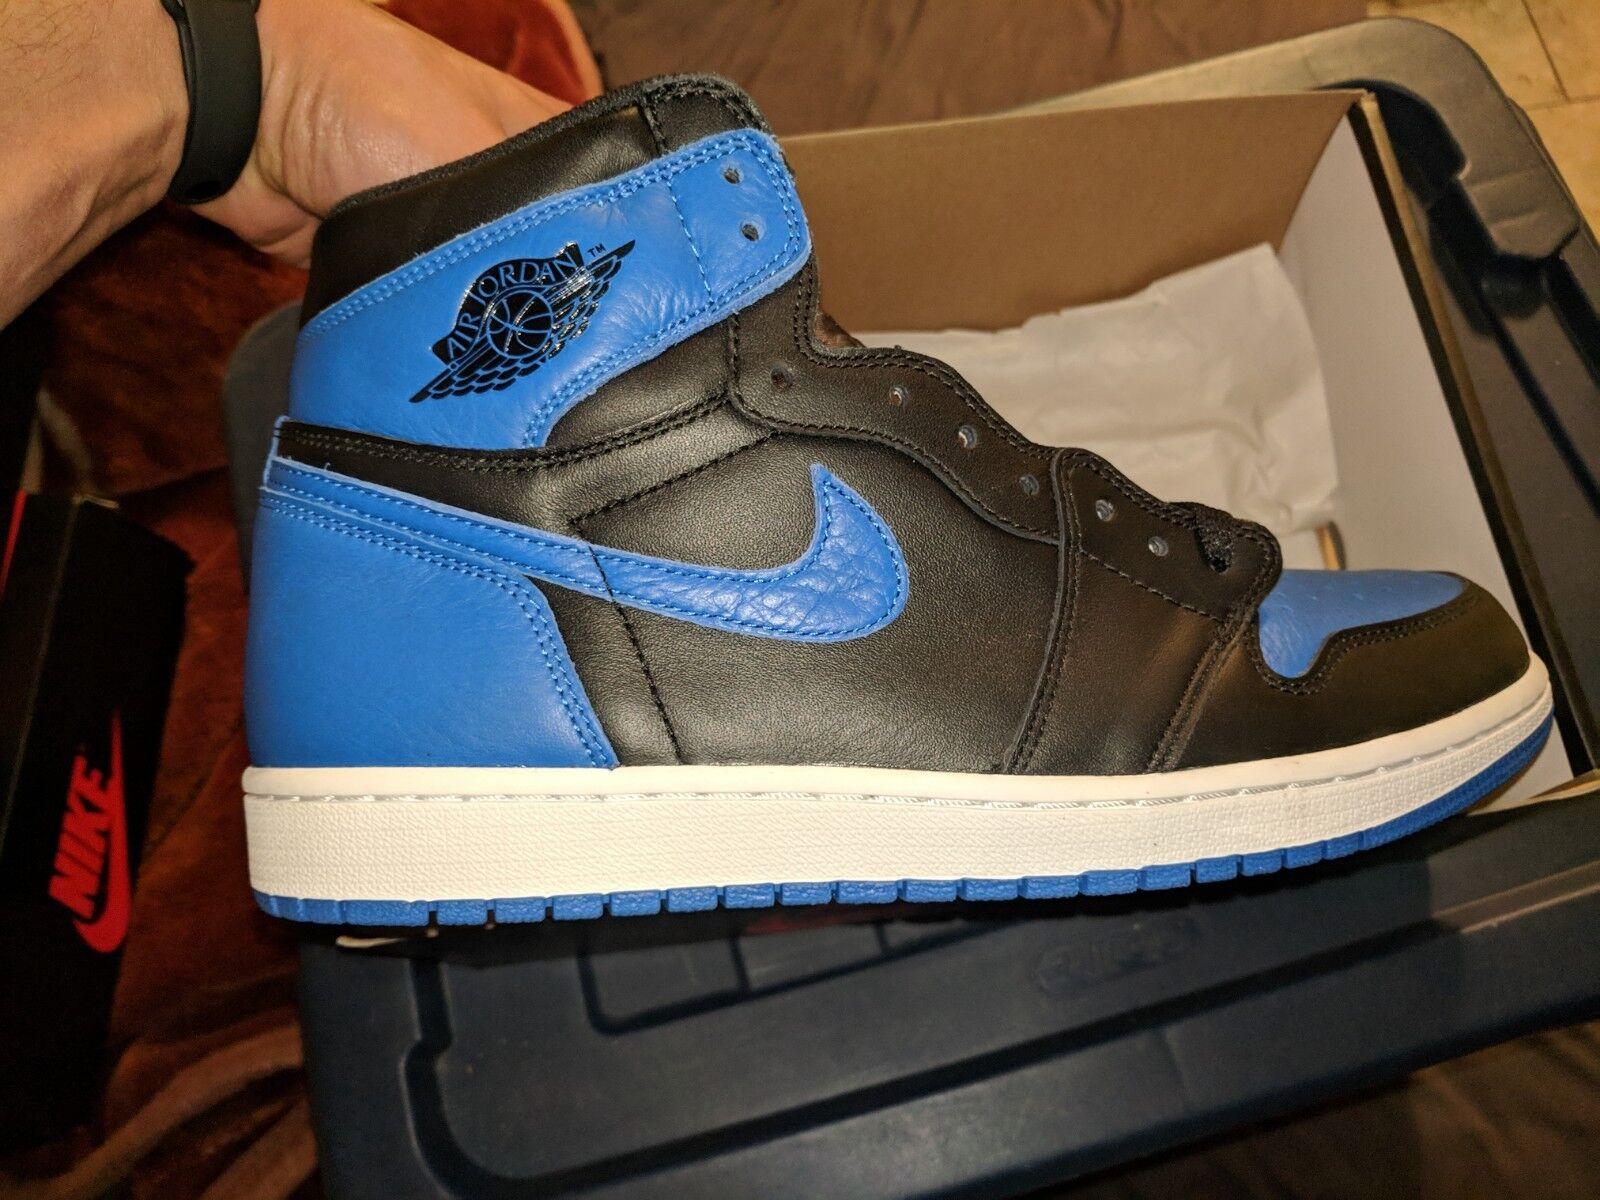 Nike Air Jordan 1 Royal bluee high retro og 2017 Men's Size 11.5